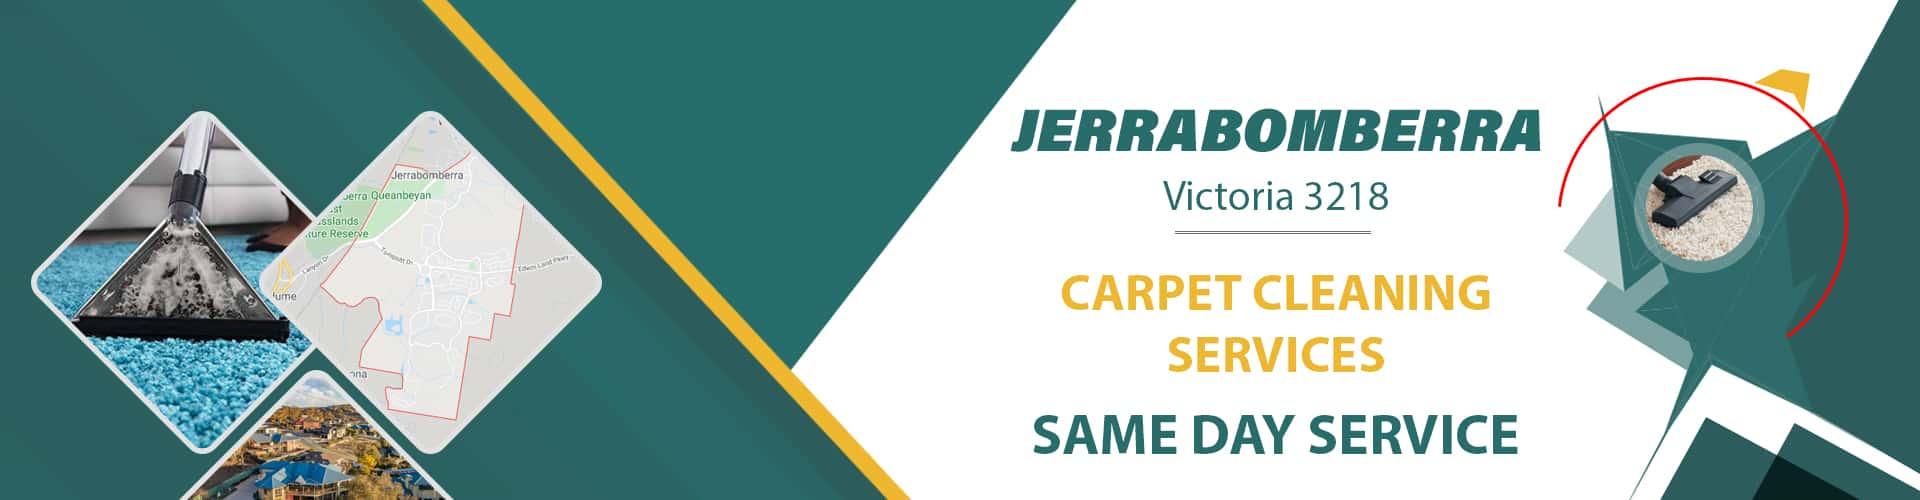 Carpet Cleaning Jerrabomberra